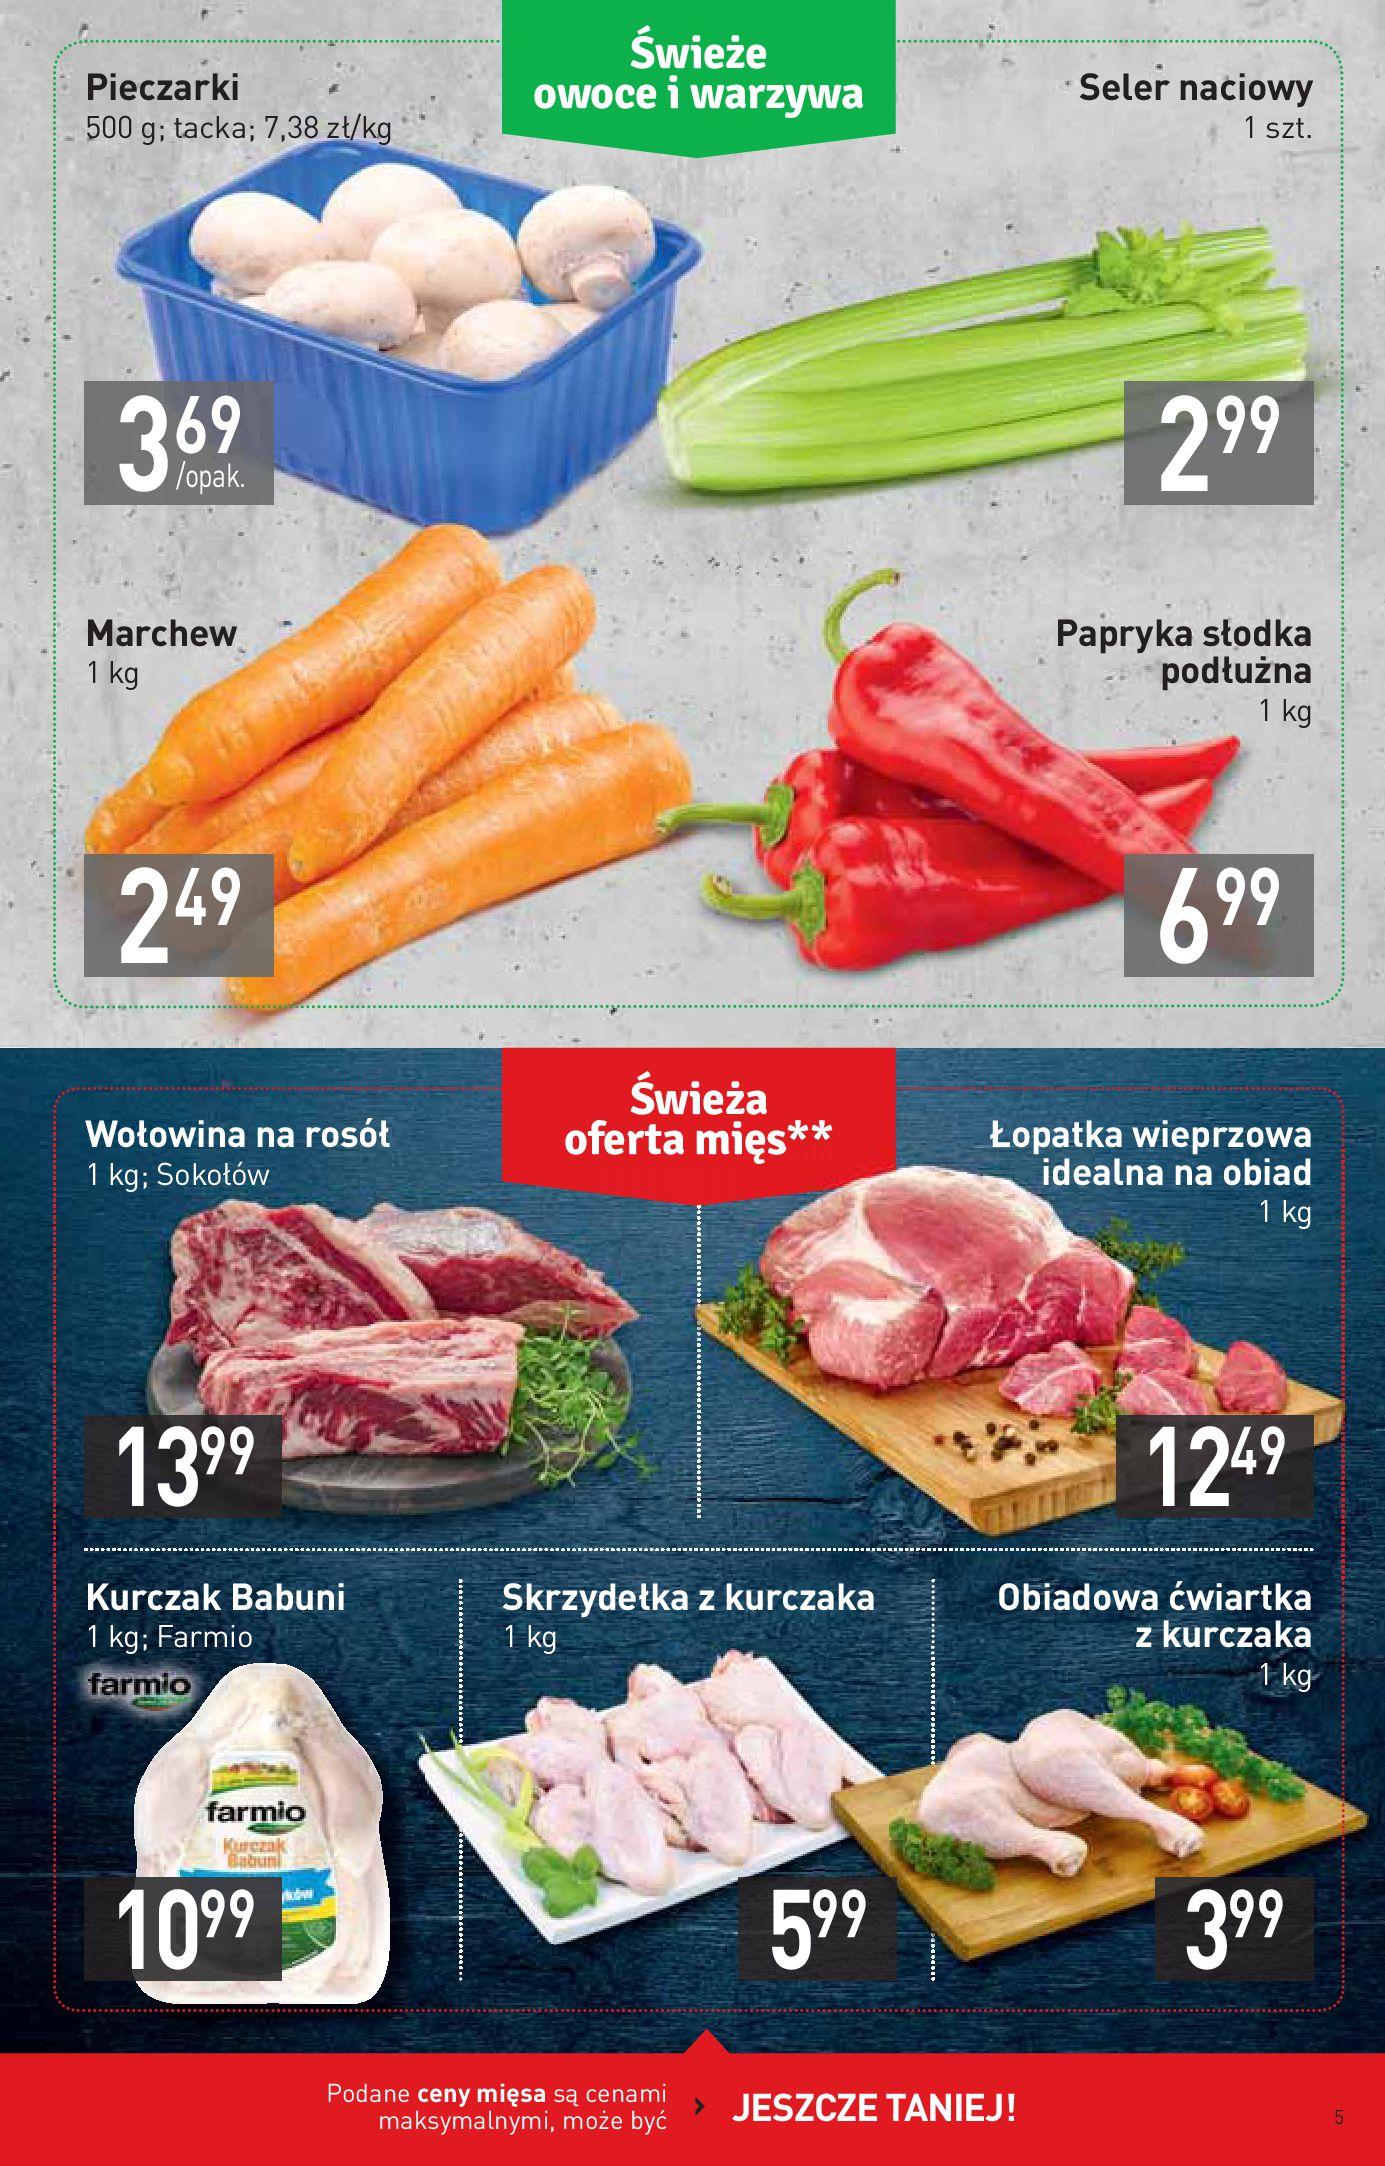 Gazetka Stokrotka Supermarket - Gazetka supermarket-13.08.2019-21.08.2019-page-5